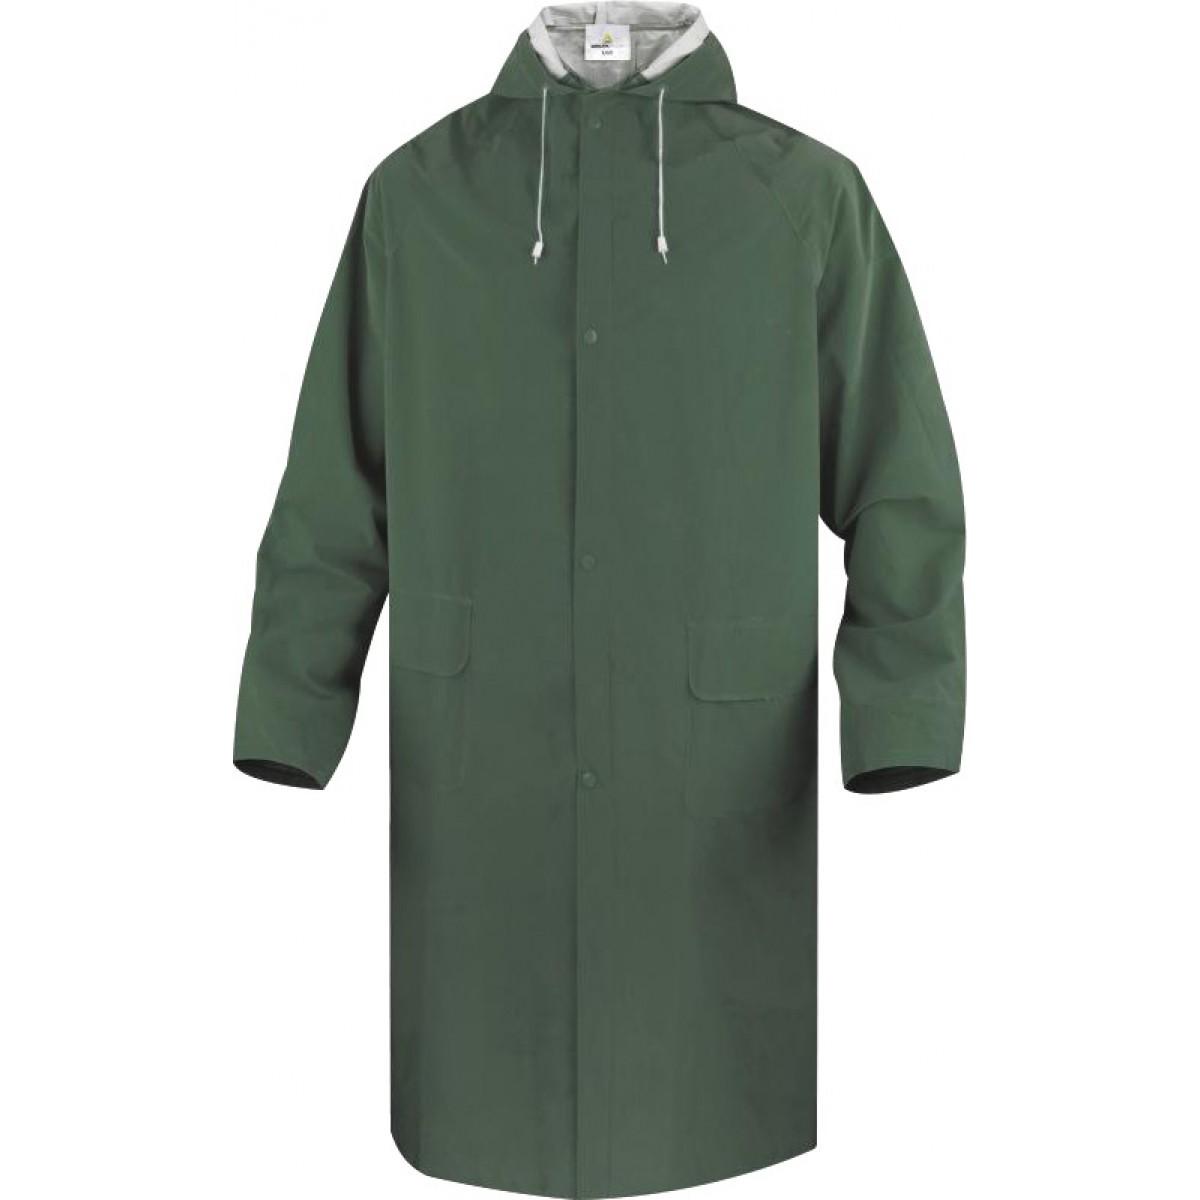 Manteau de pluie Delta Plus- Coutures soudées